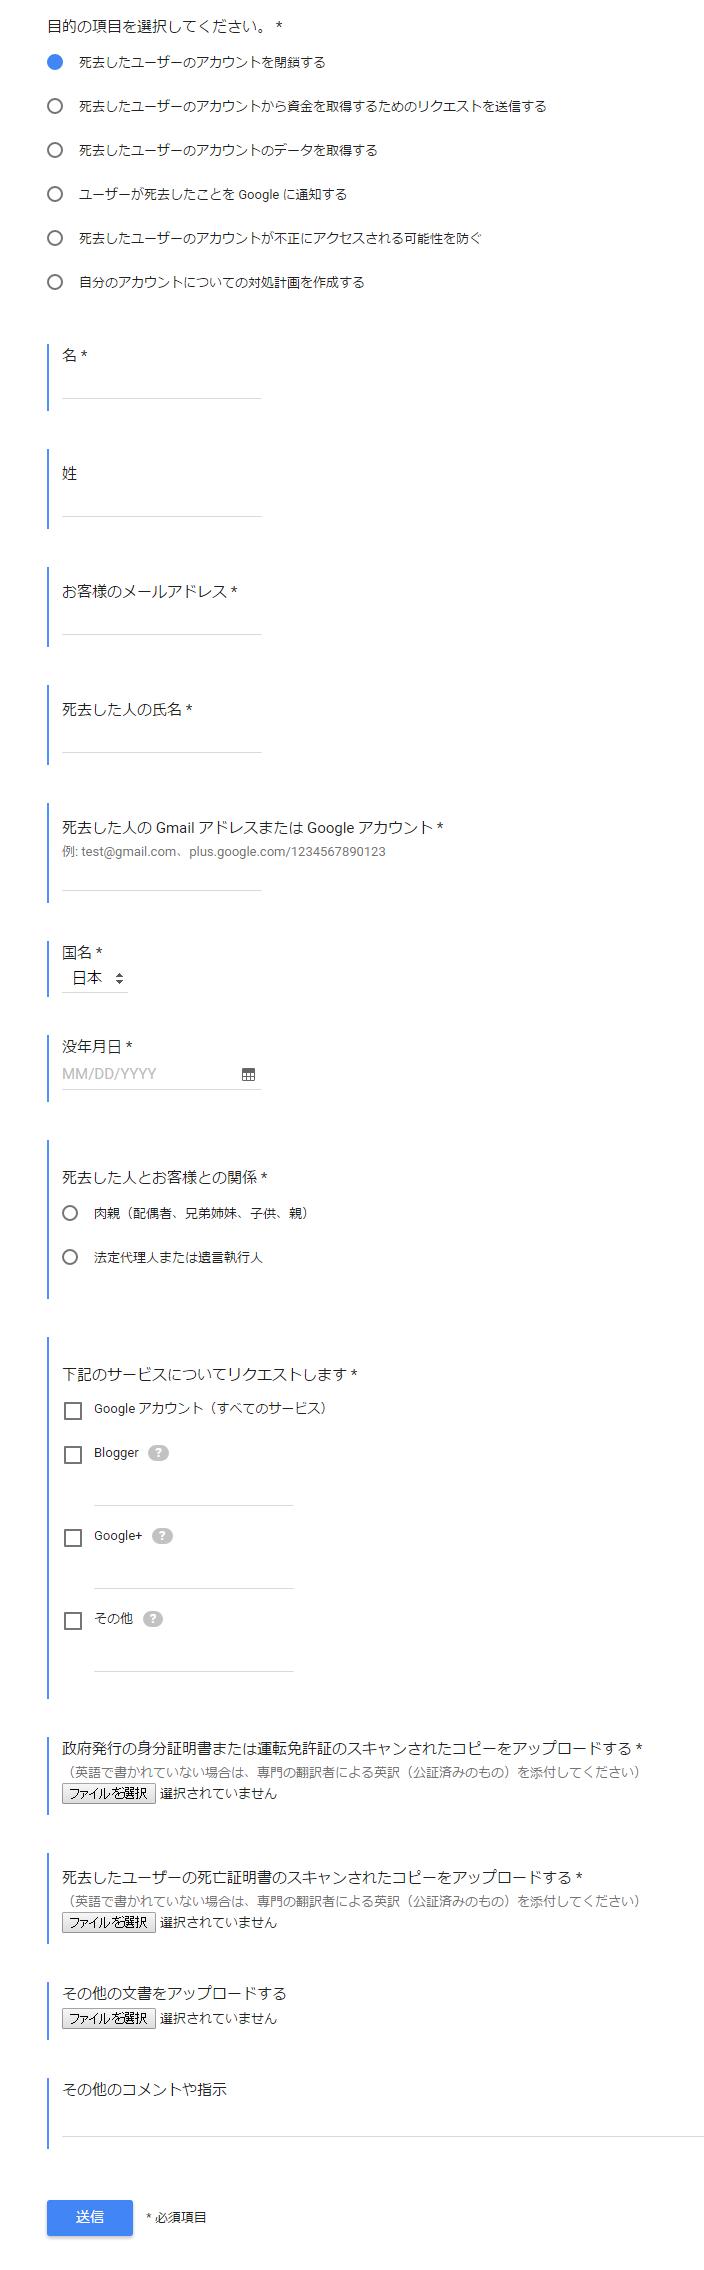 死去したユーザーのアカウントに関するリクエストを送信する   Google アカウント ヘルプ001